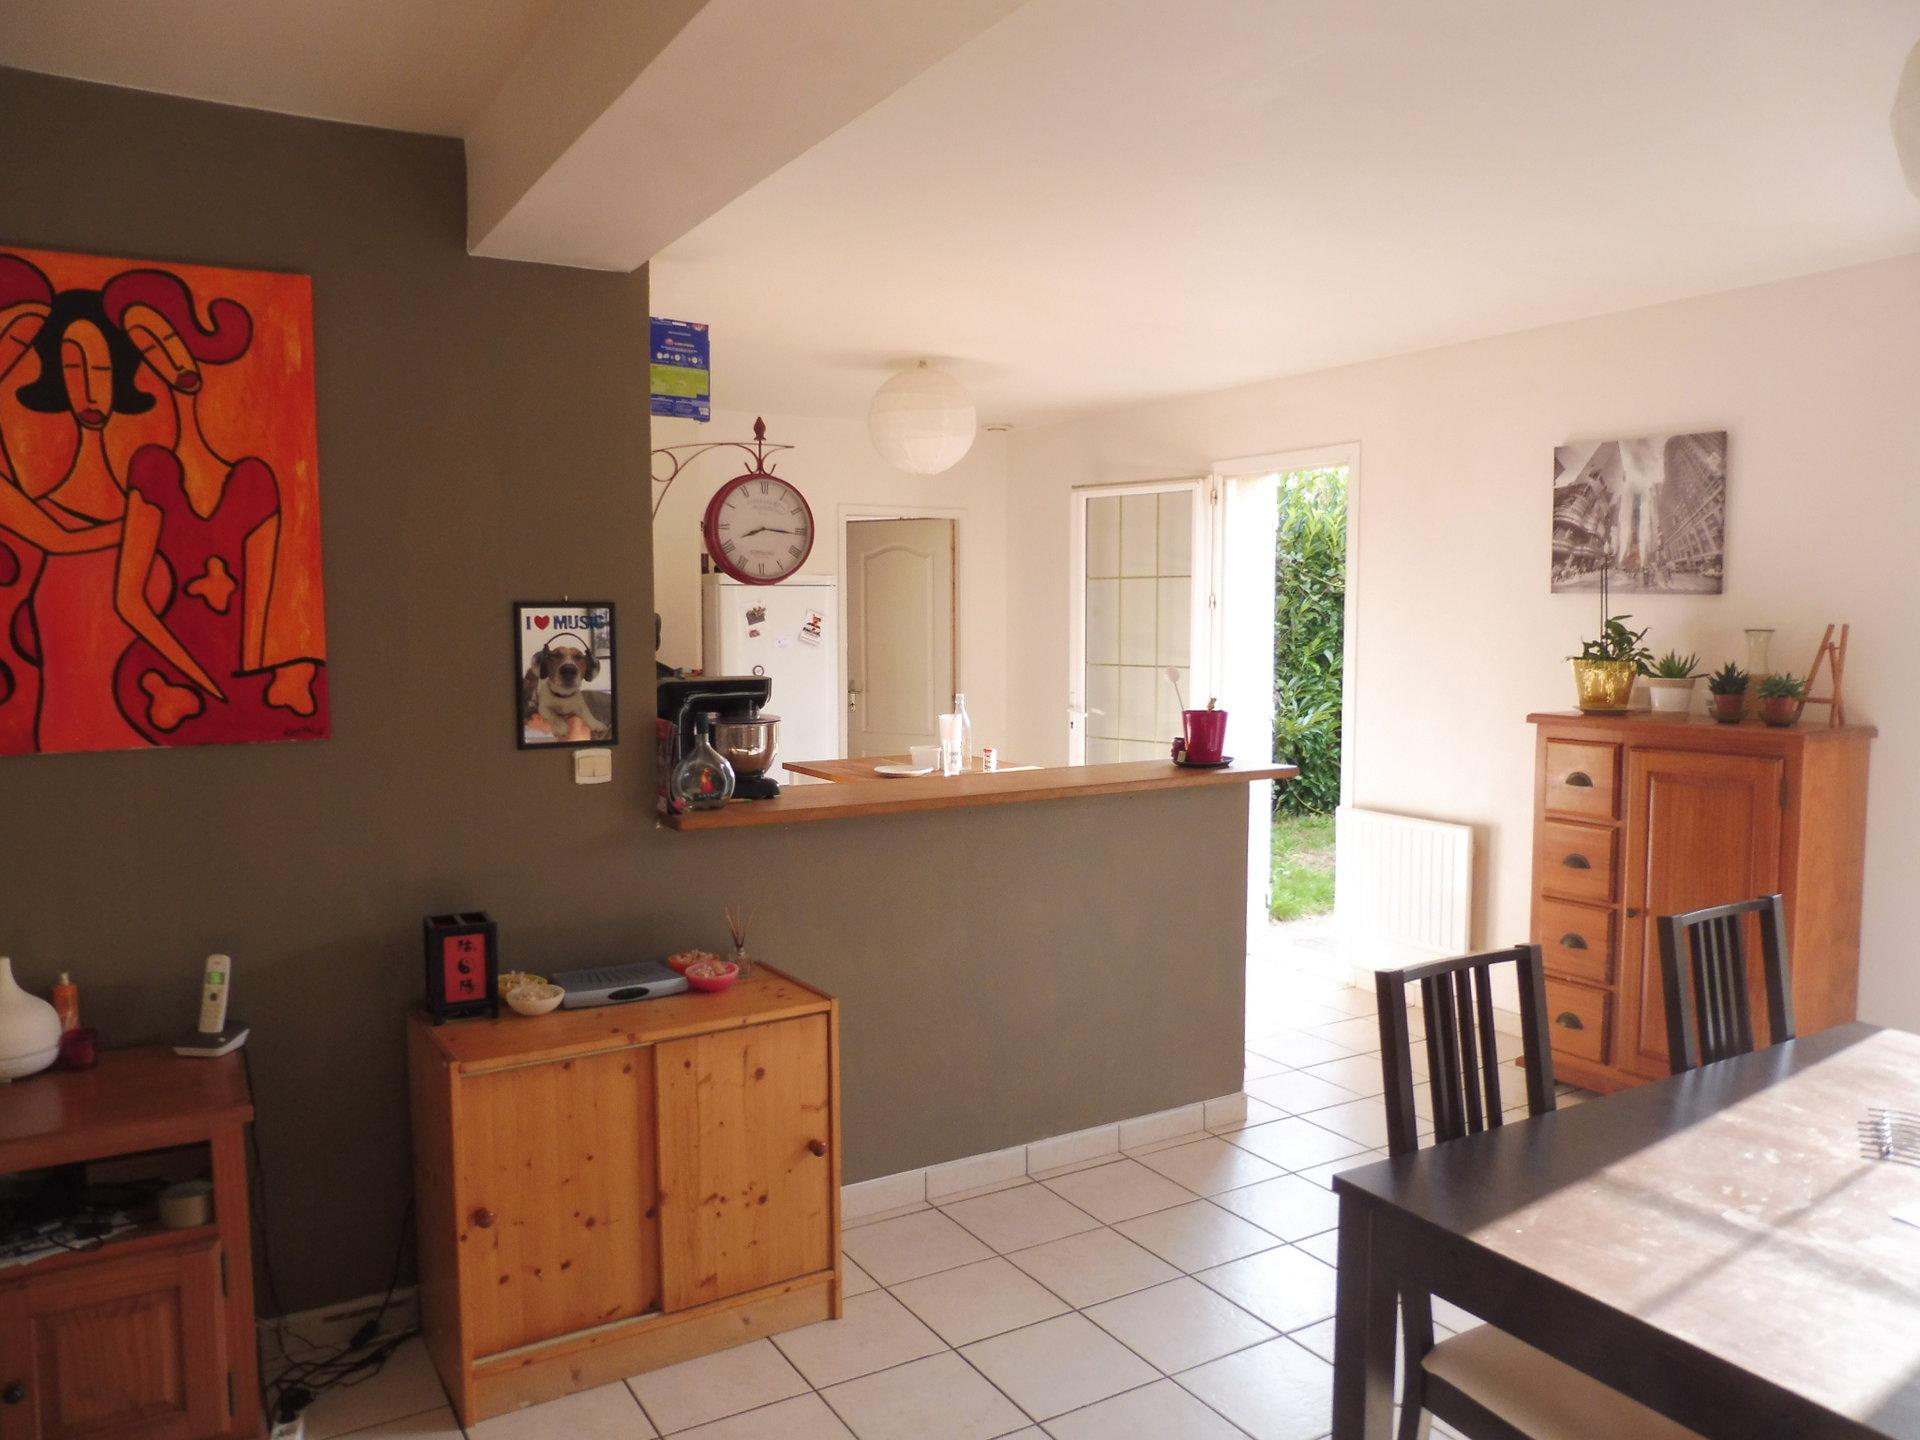 maison 115 m² 3 chambres